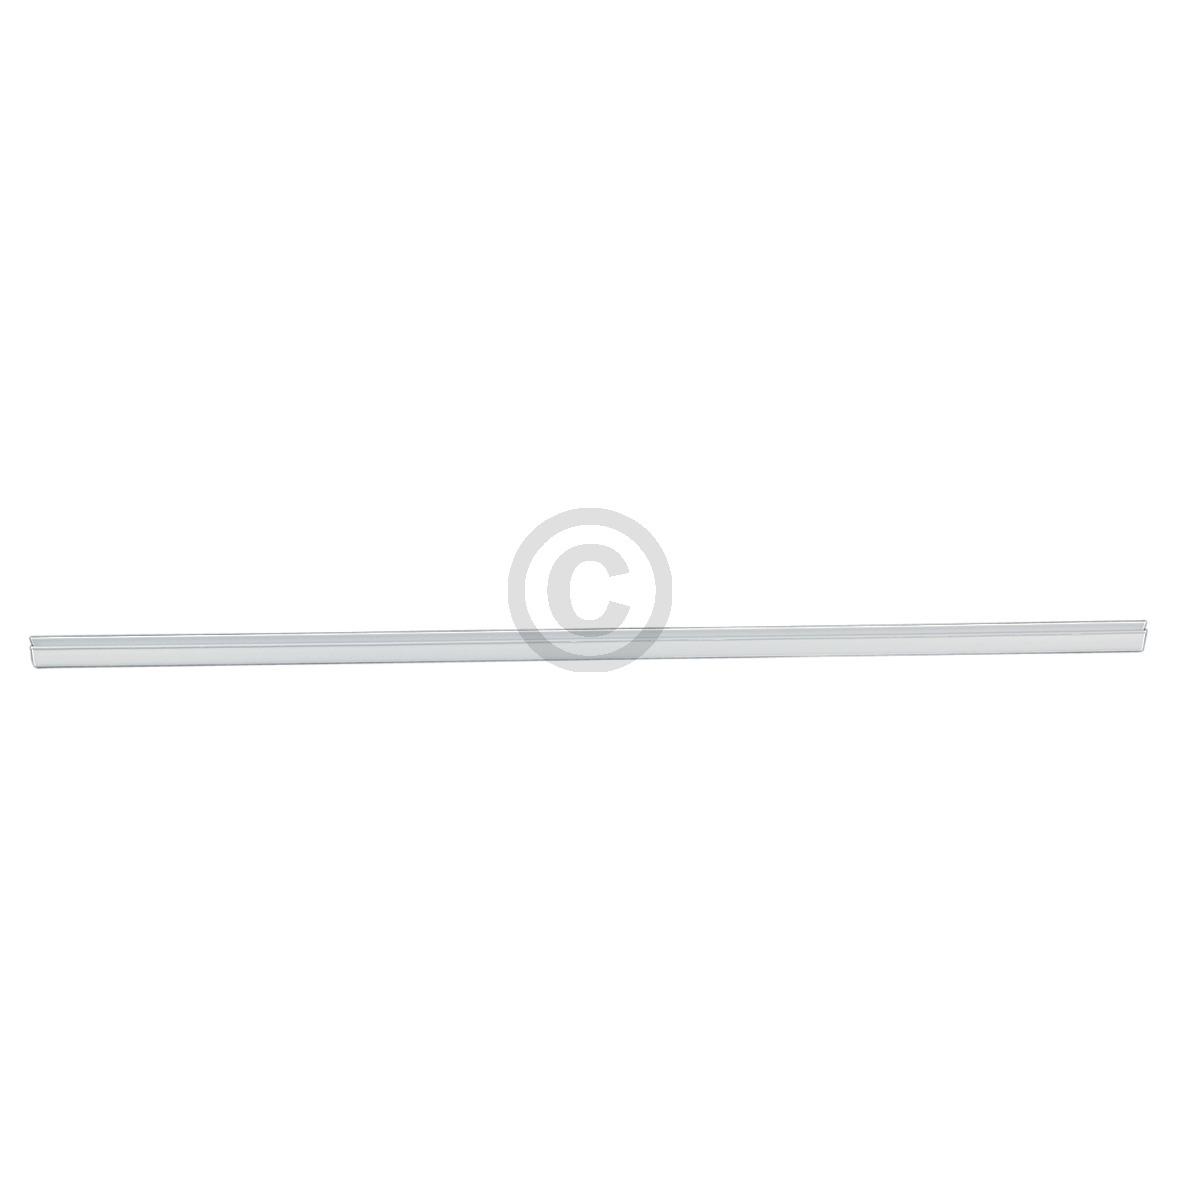 Glasplattenleiste Whirlpool 481246089084 vorne für Kühlschrank